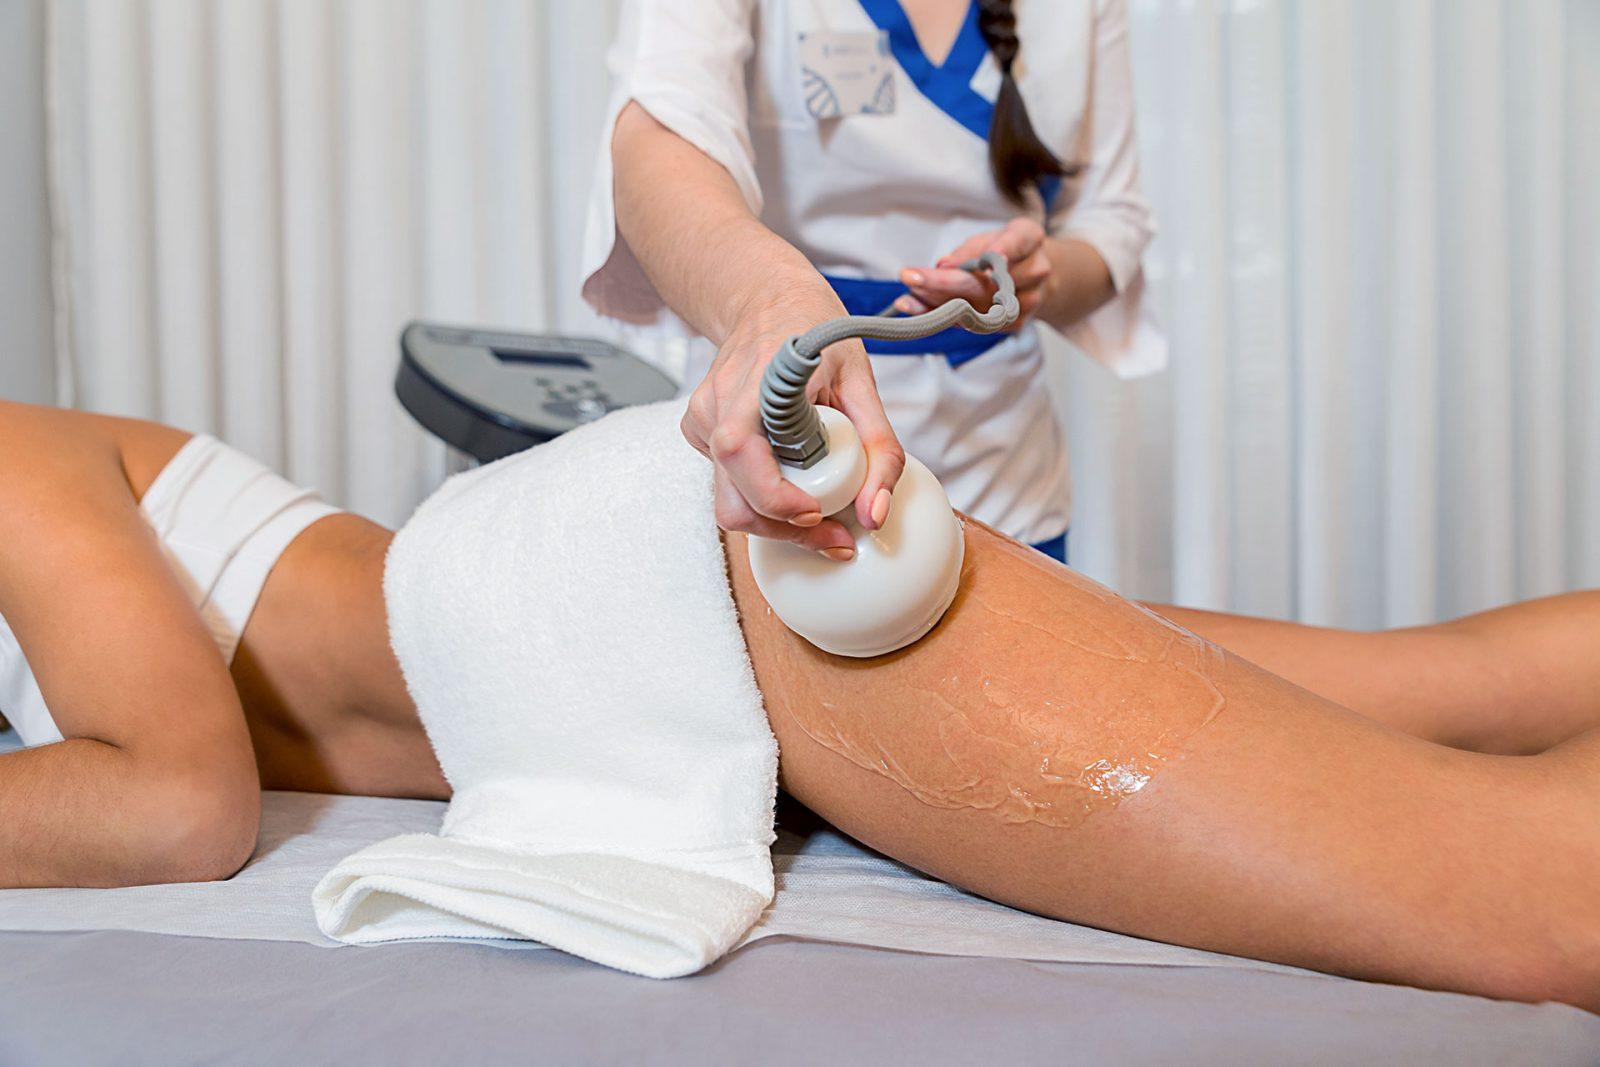 bodyscience-clinica-estetica-tratamentos-corpo-lipoaspiracao-nao-invasiva-titan